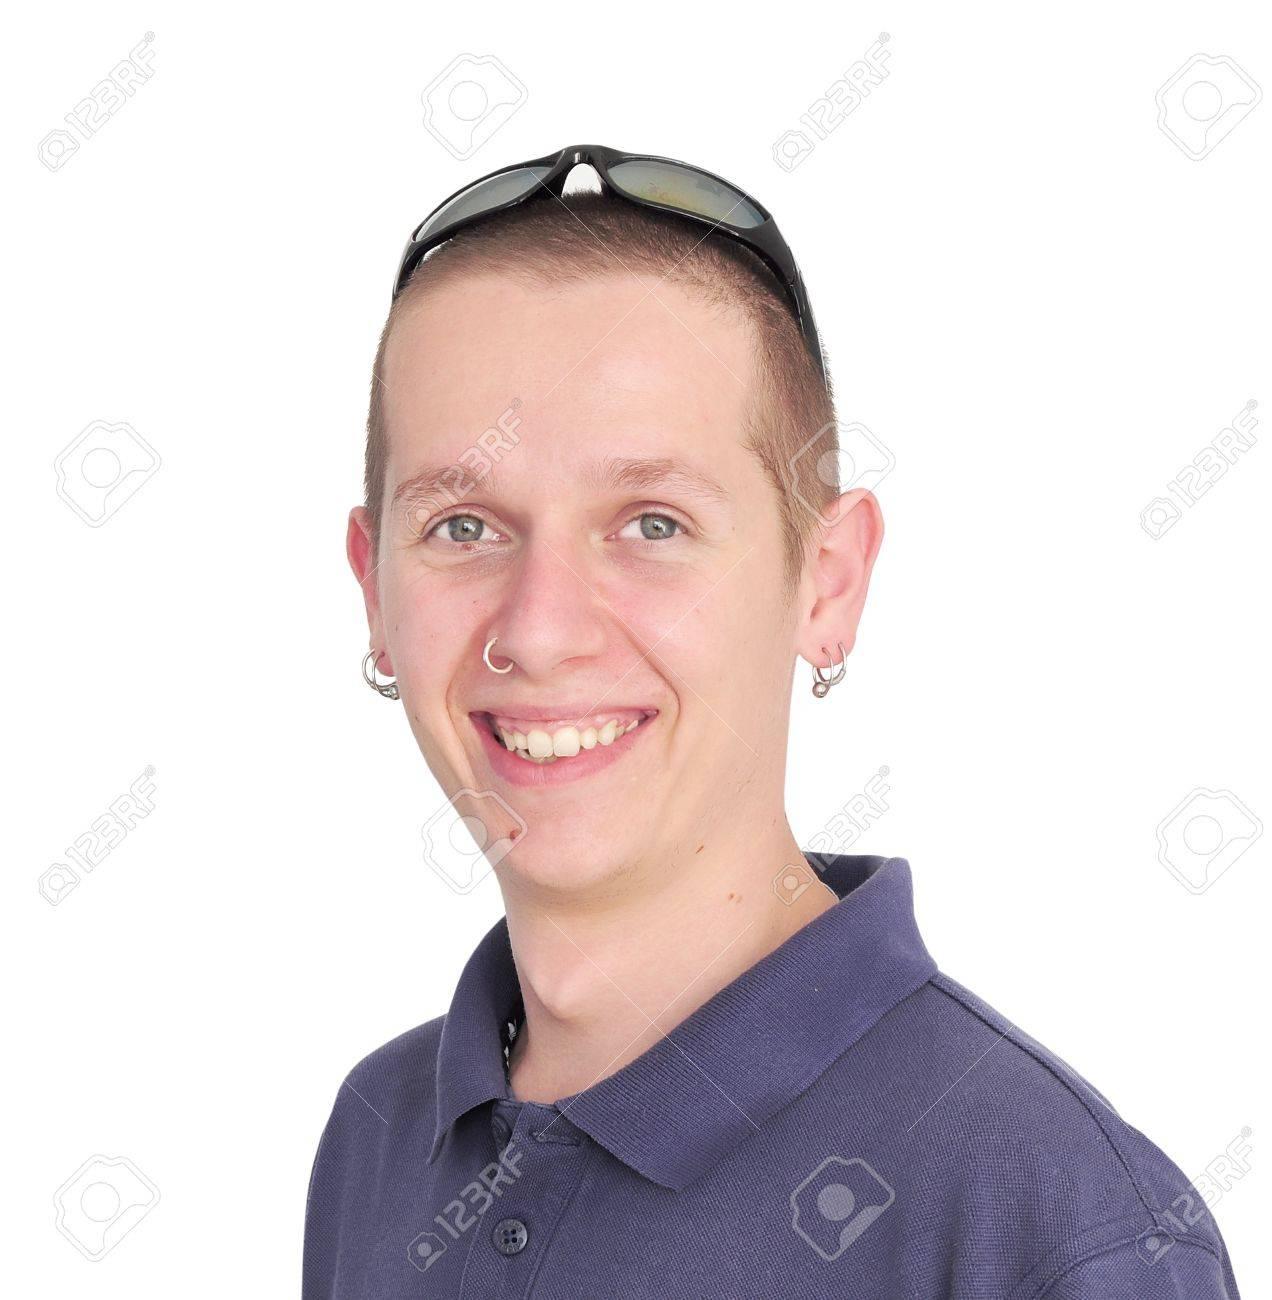 El Hombre Joven Caucásico Con Piercing En La Nariz Y Las Orejas